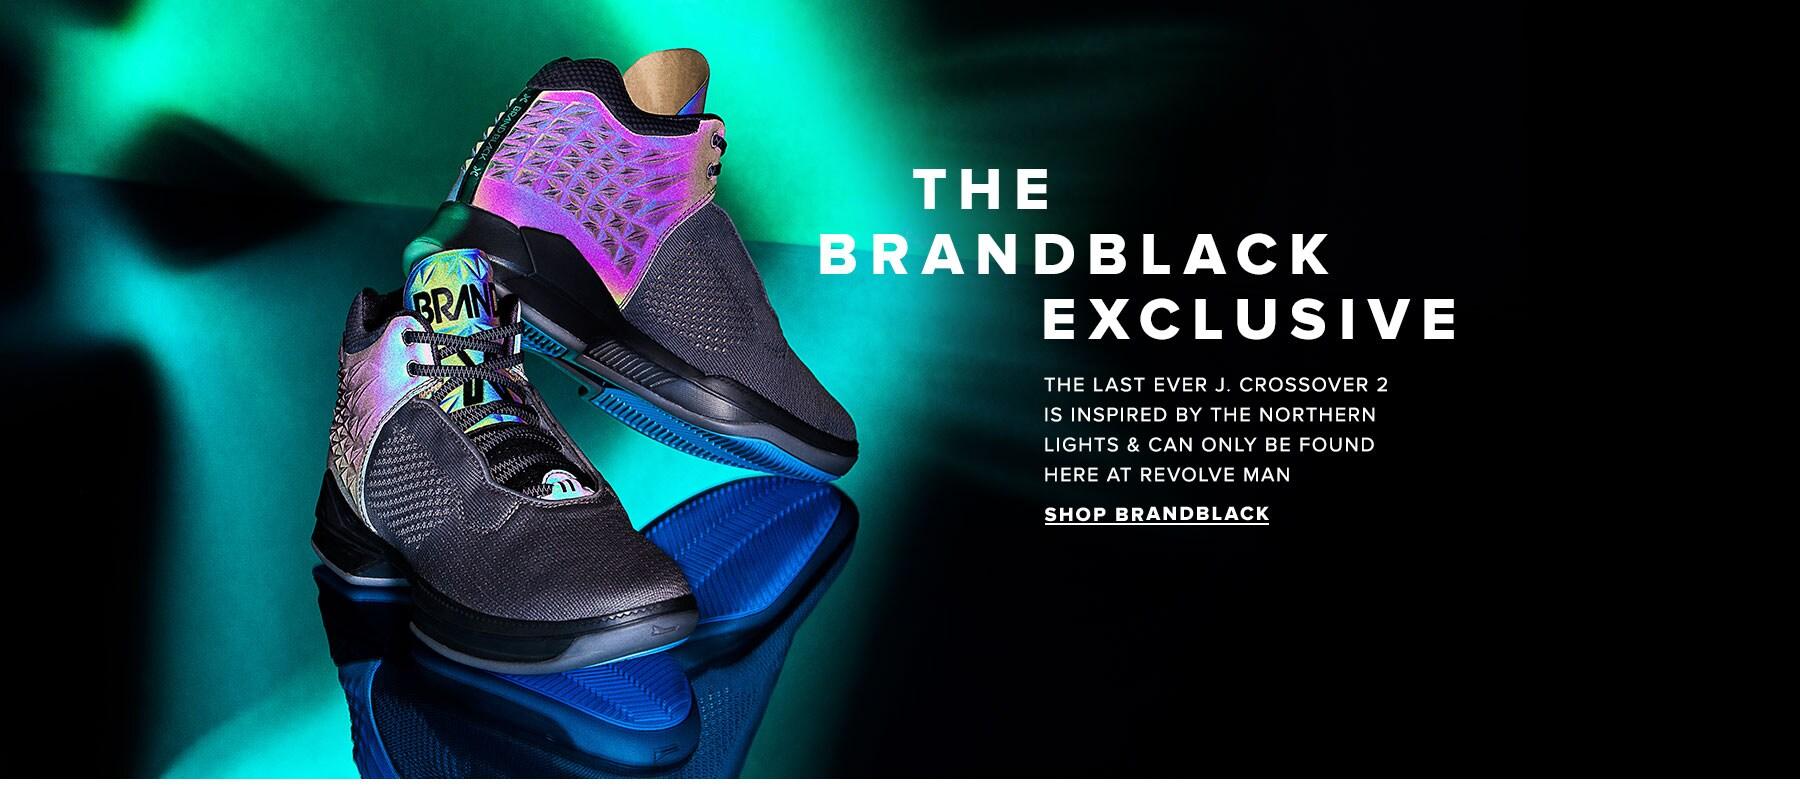 shop brandblack